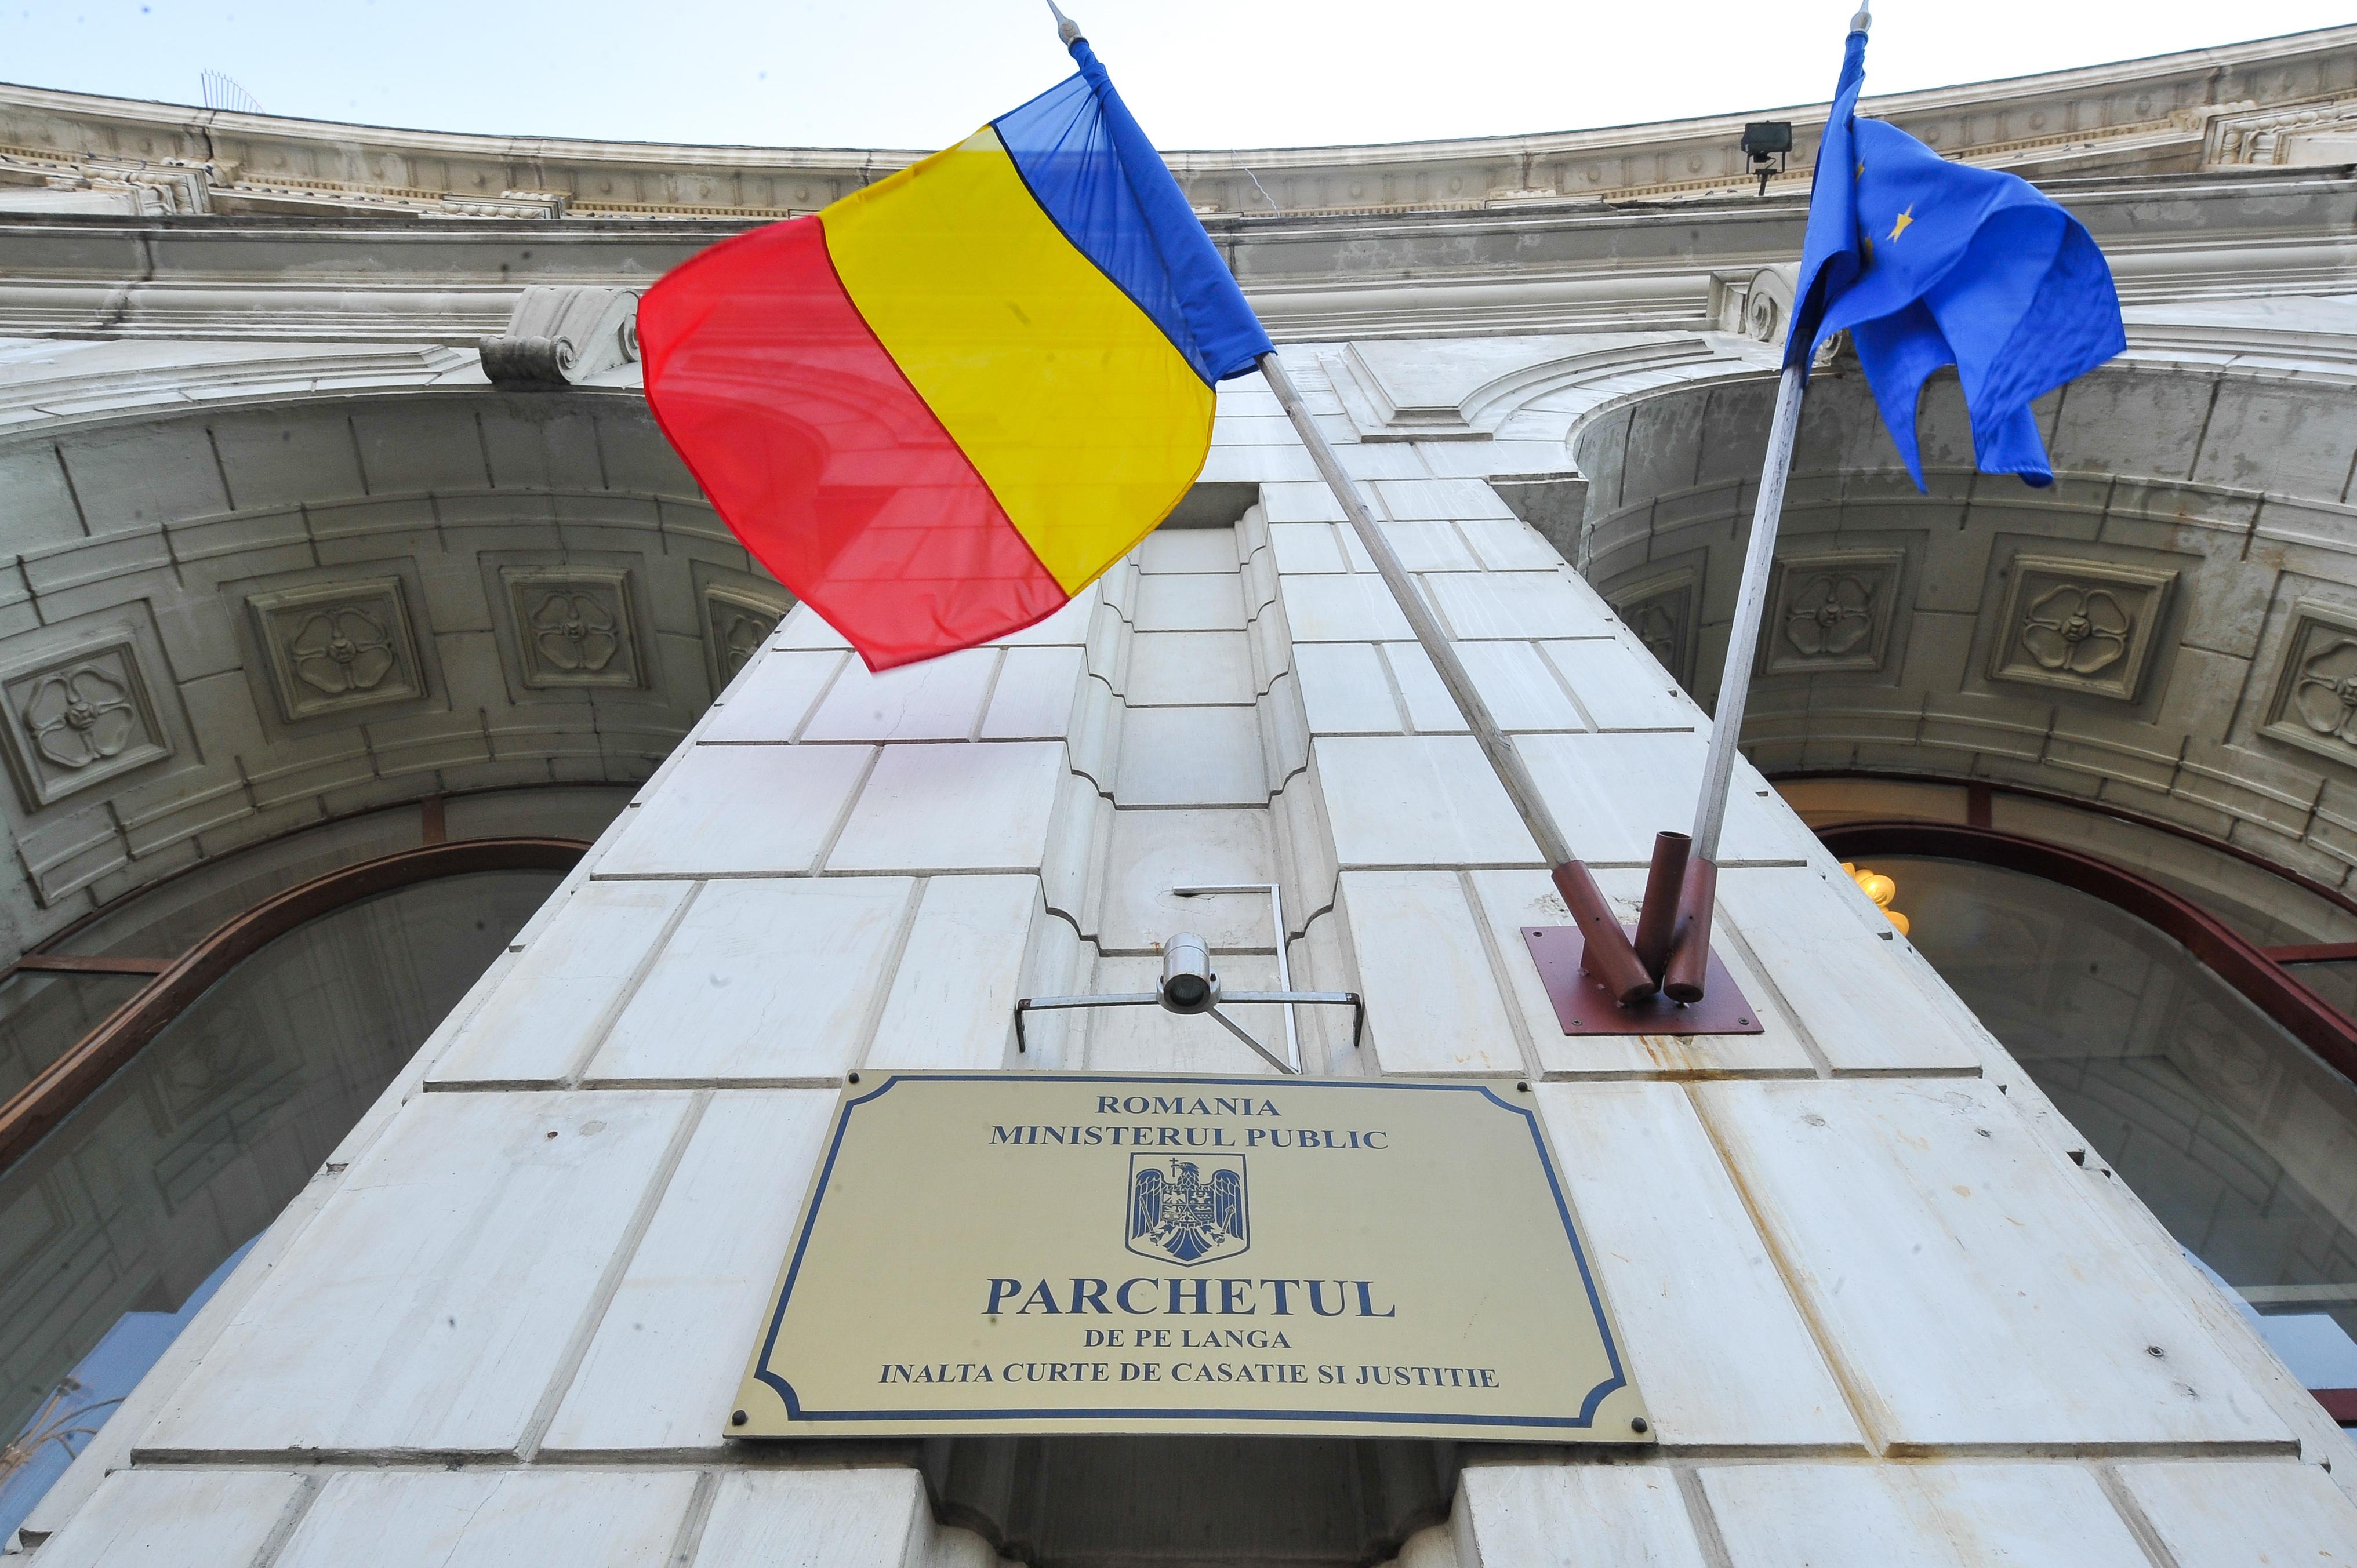 Inspecţia Judiciară va înainta CSM-ului raportul privind verificările la Parchetul General până pe 10 noiembrie